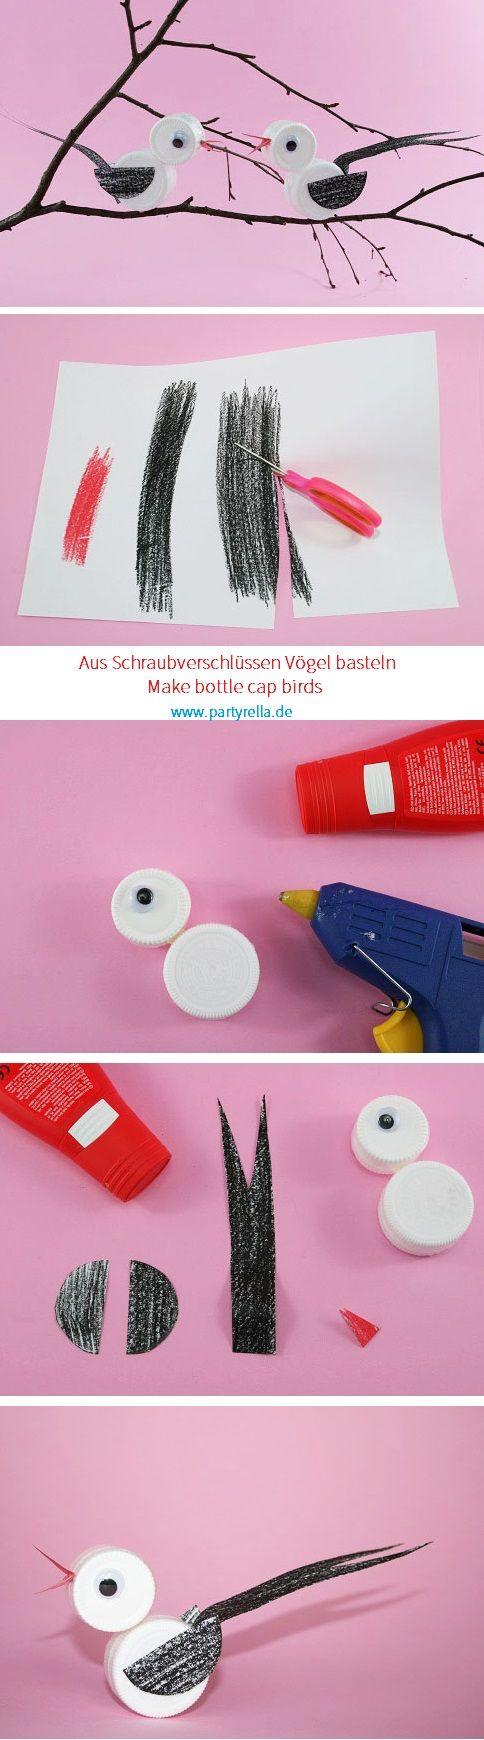 bottle cap bird craft for kids / Mit Kindern Vögel aus Schraubverschlüssen basteln